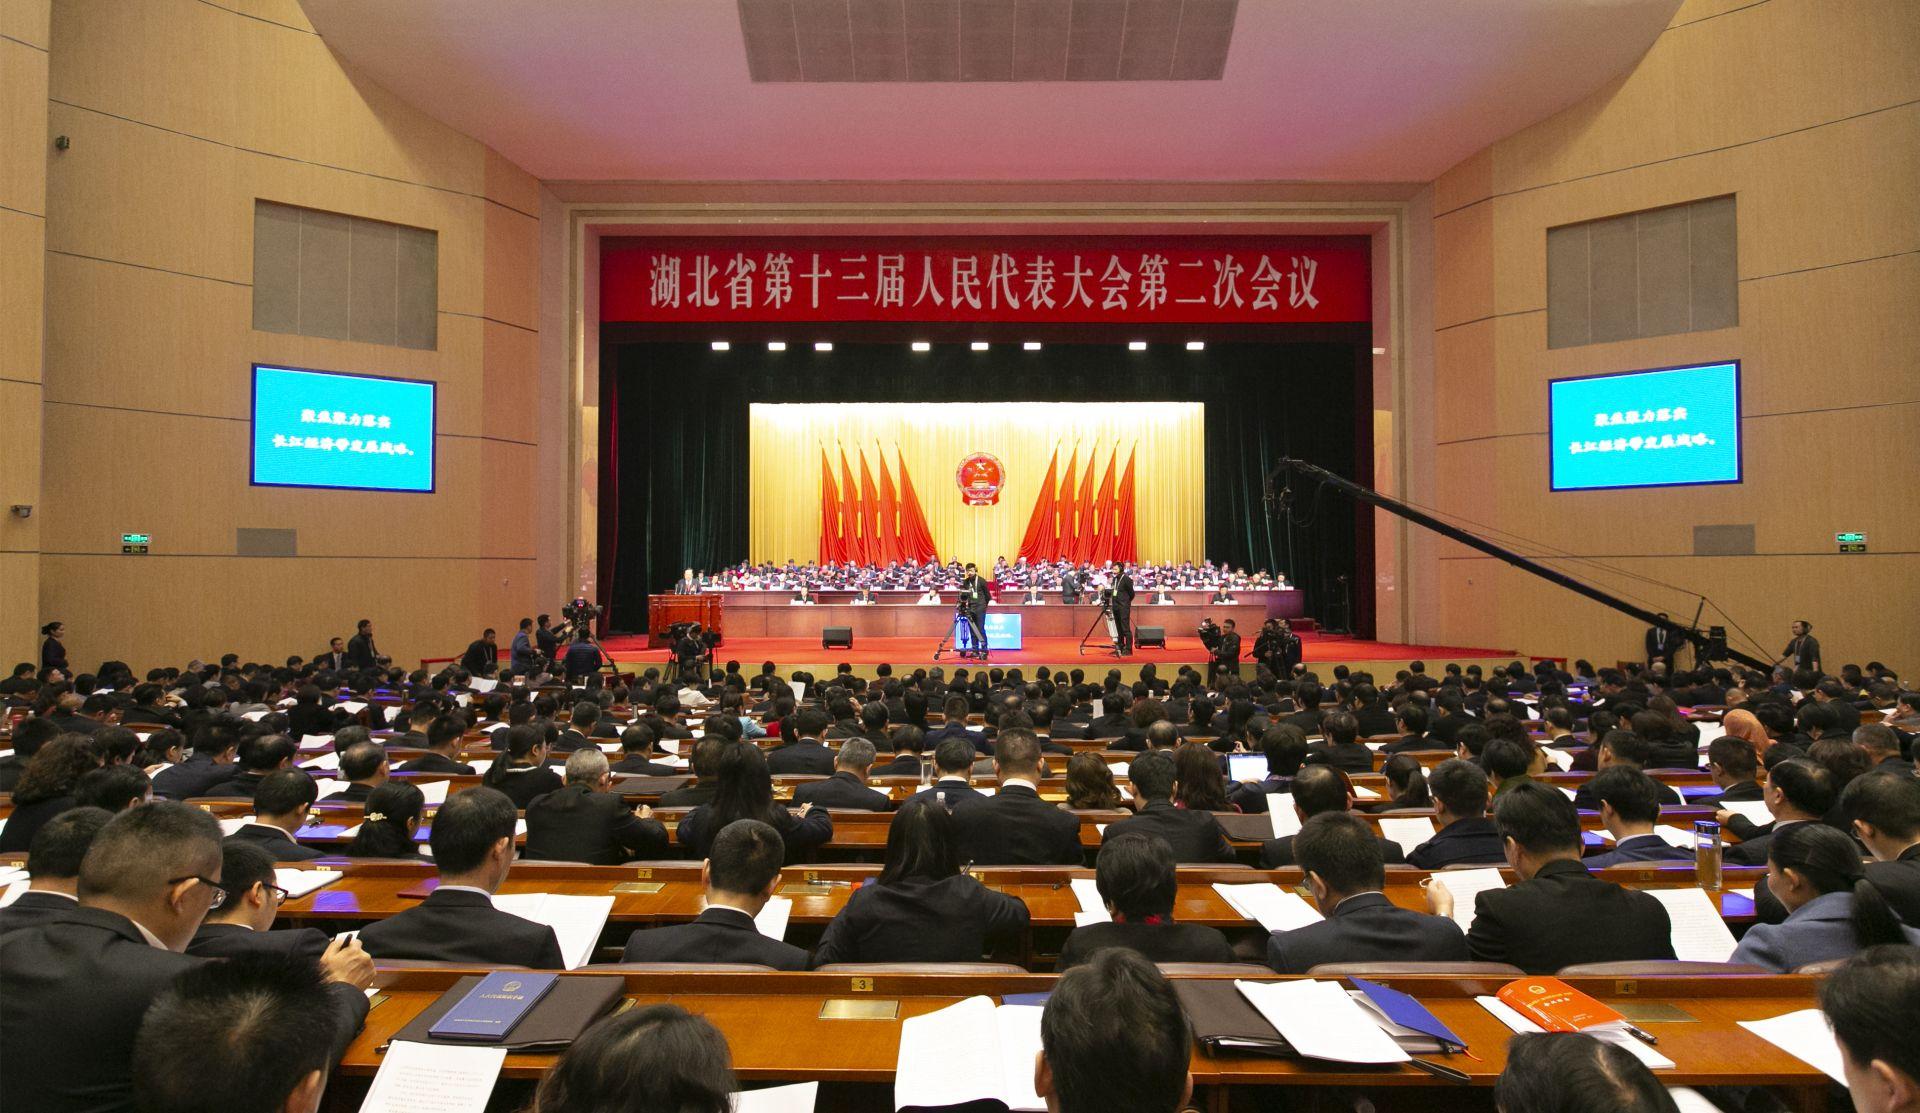 湖北省第十三届人民代表大会第二次会议开幕